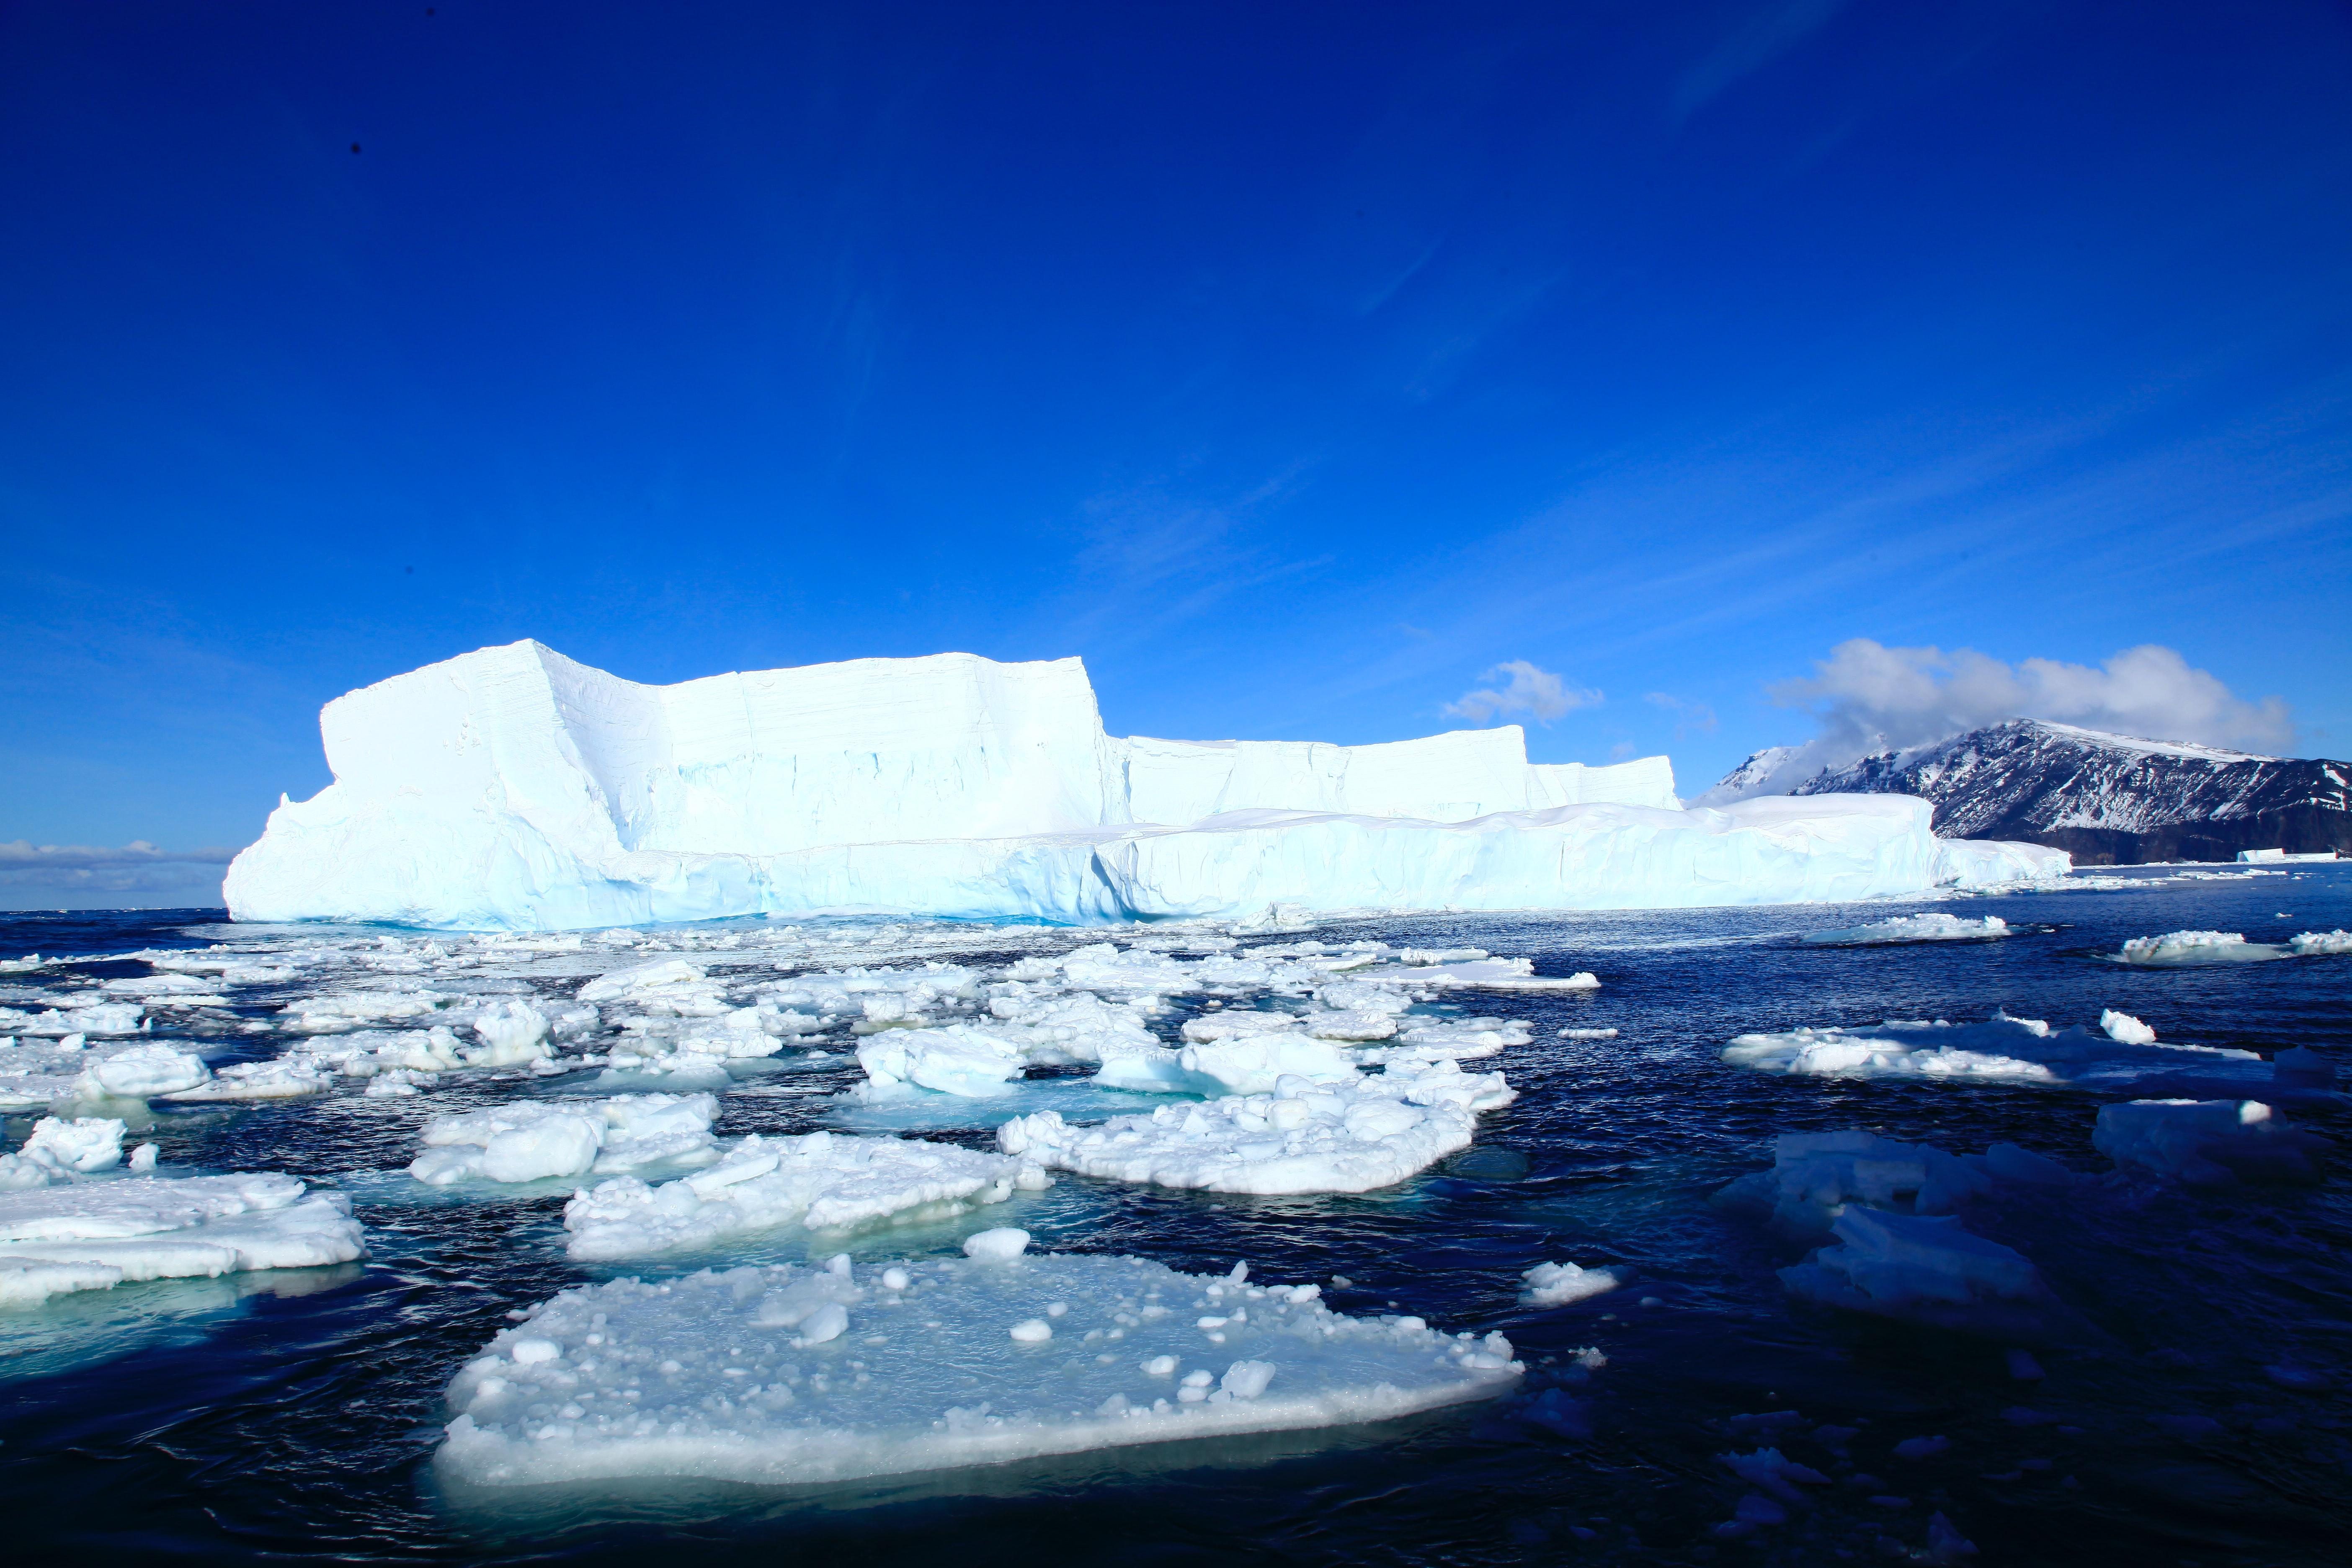 Emergência climática: Temperaturas mais altas da história